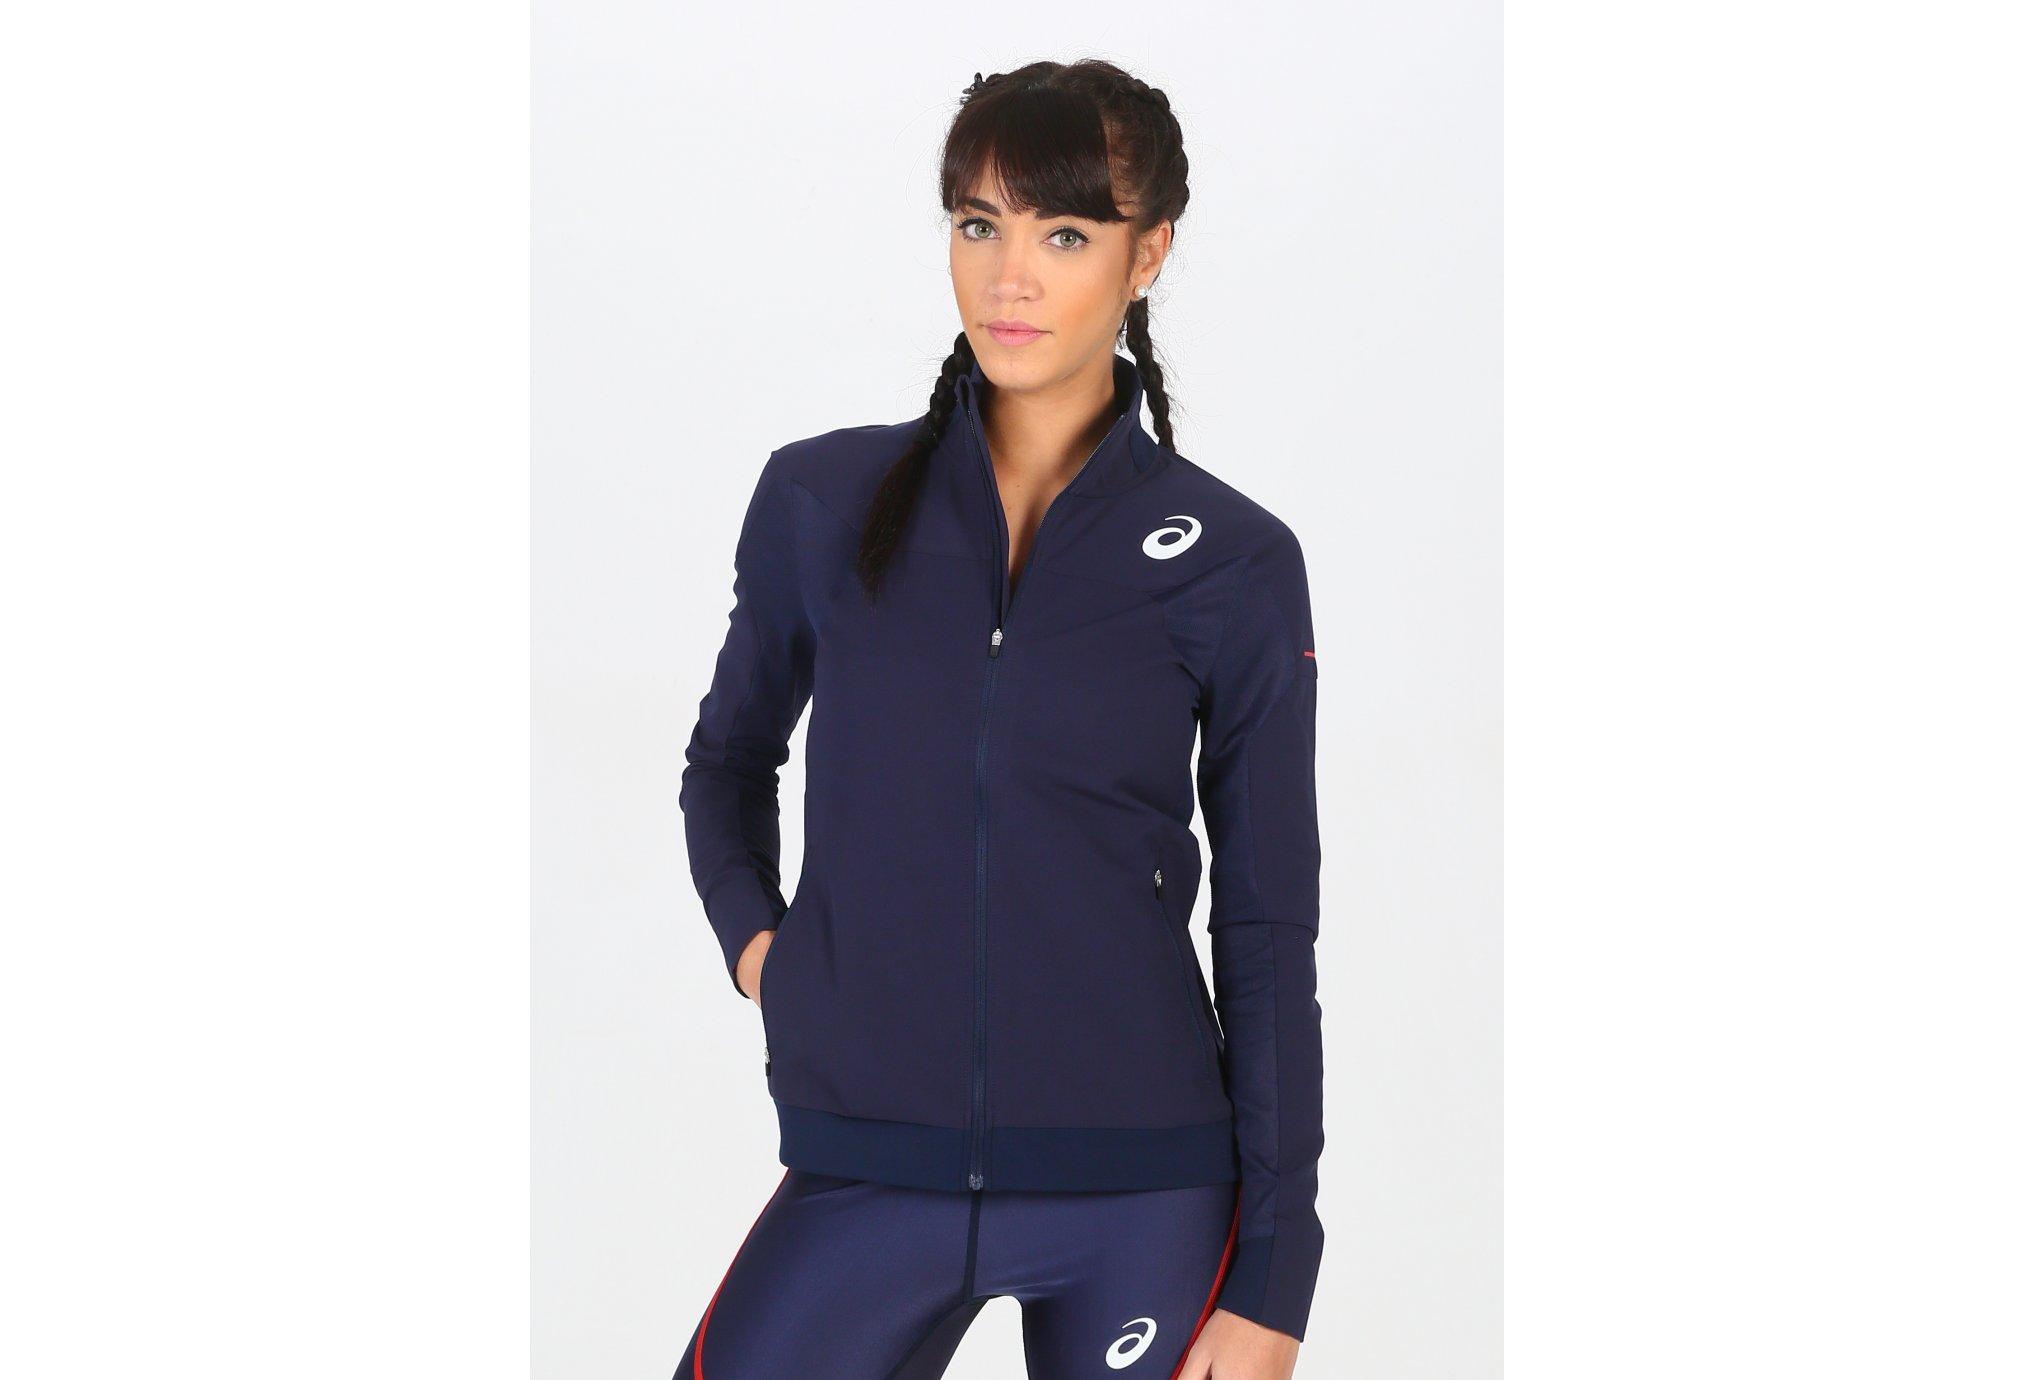 Asics T&F Jacket Équipe de France W vêtement running femme